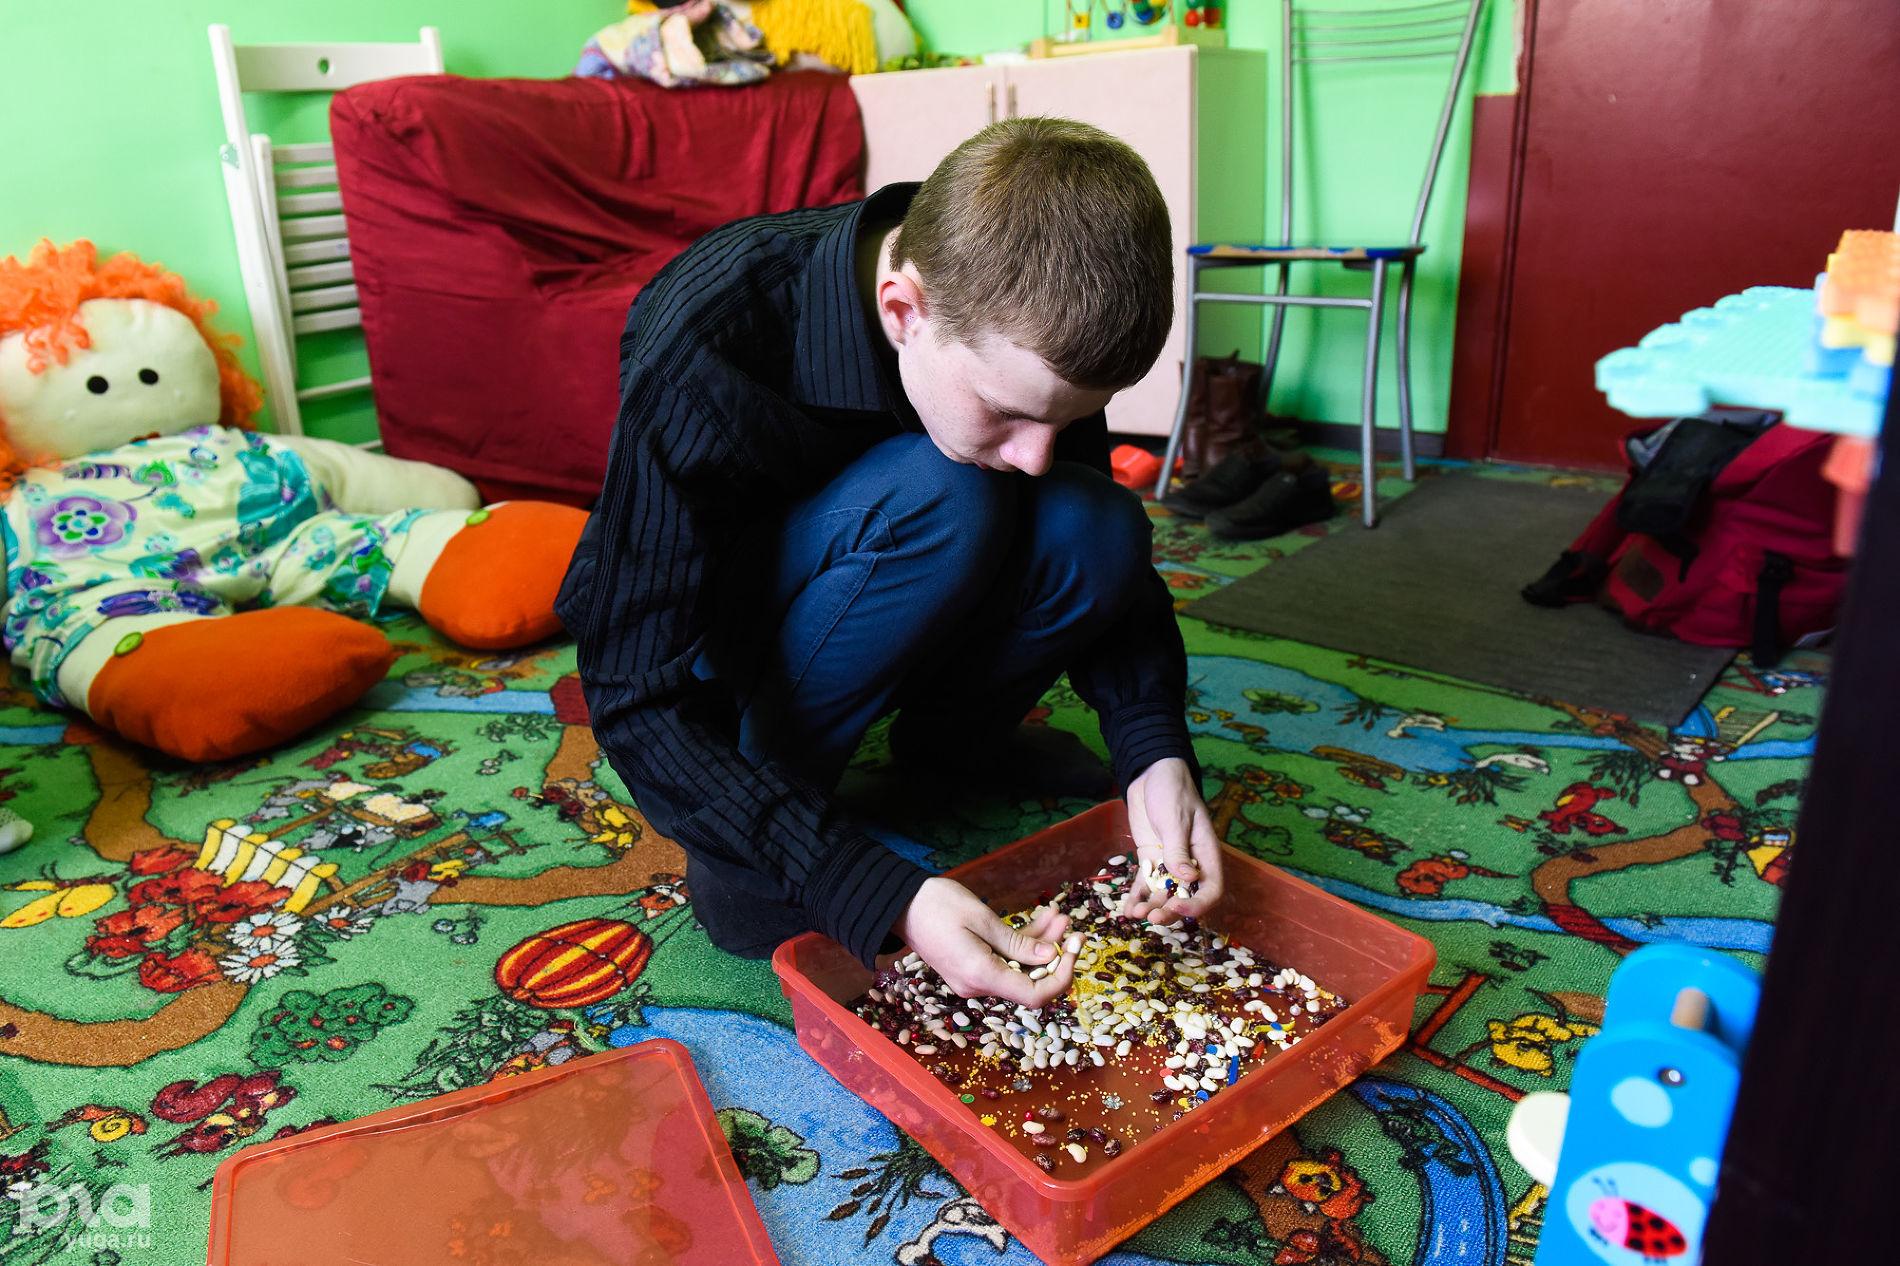 Никита отдыхает после занятия — ему нравится перебирать мелкие предметы ©фото Елены Синеок, Юга.ру